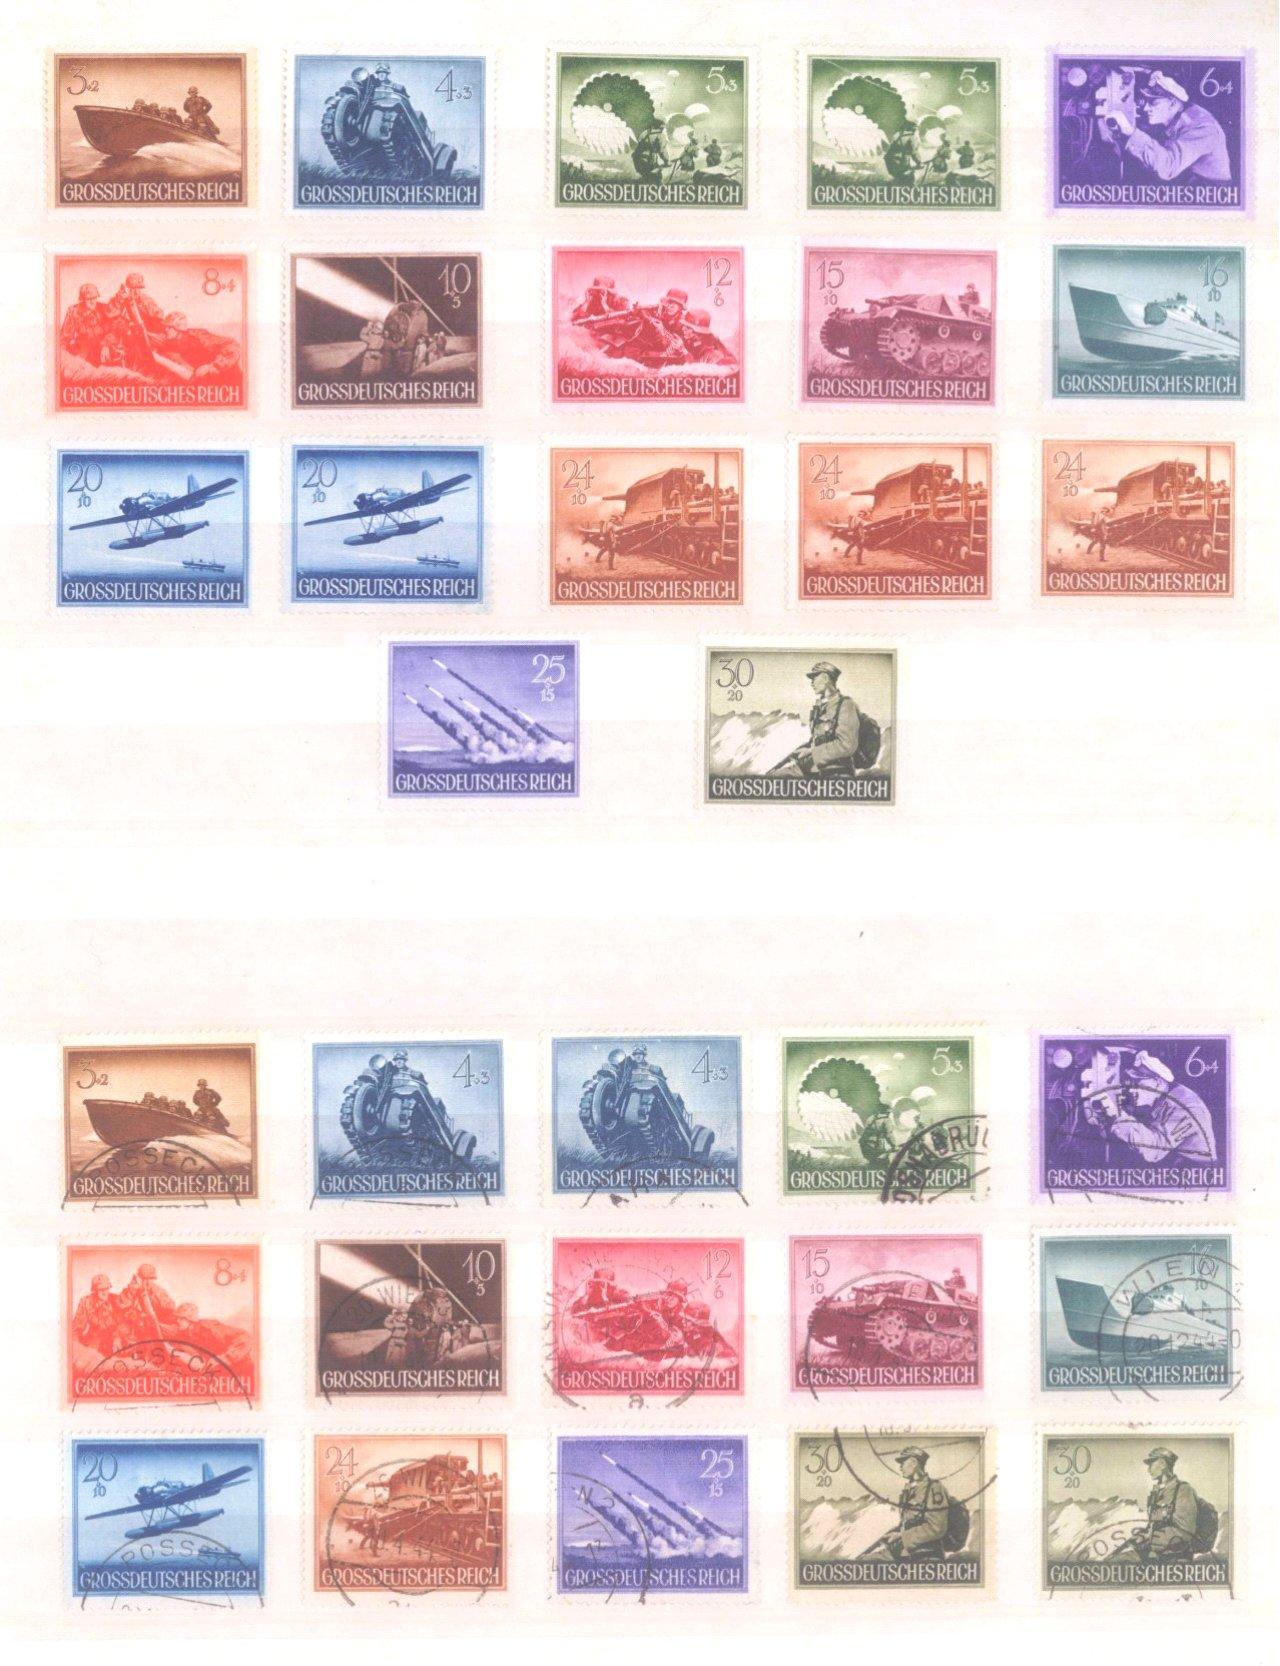 Sammlung Deutsches Reich in 2 Alben, 1933-1945-27